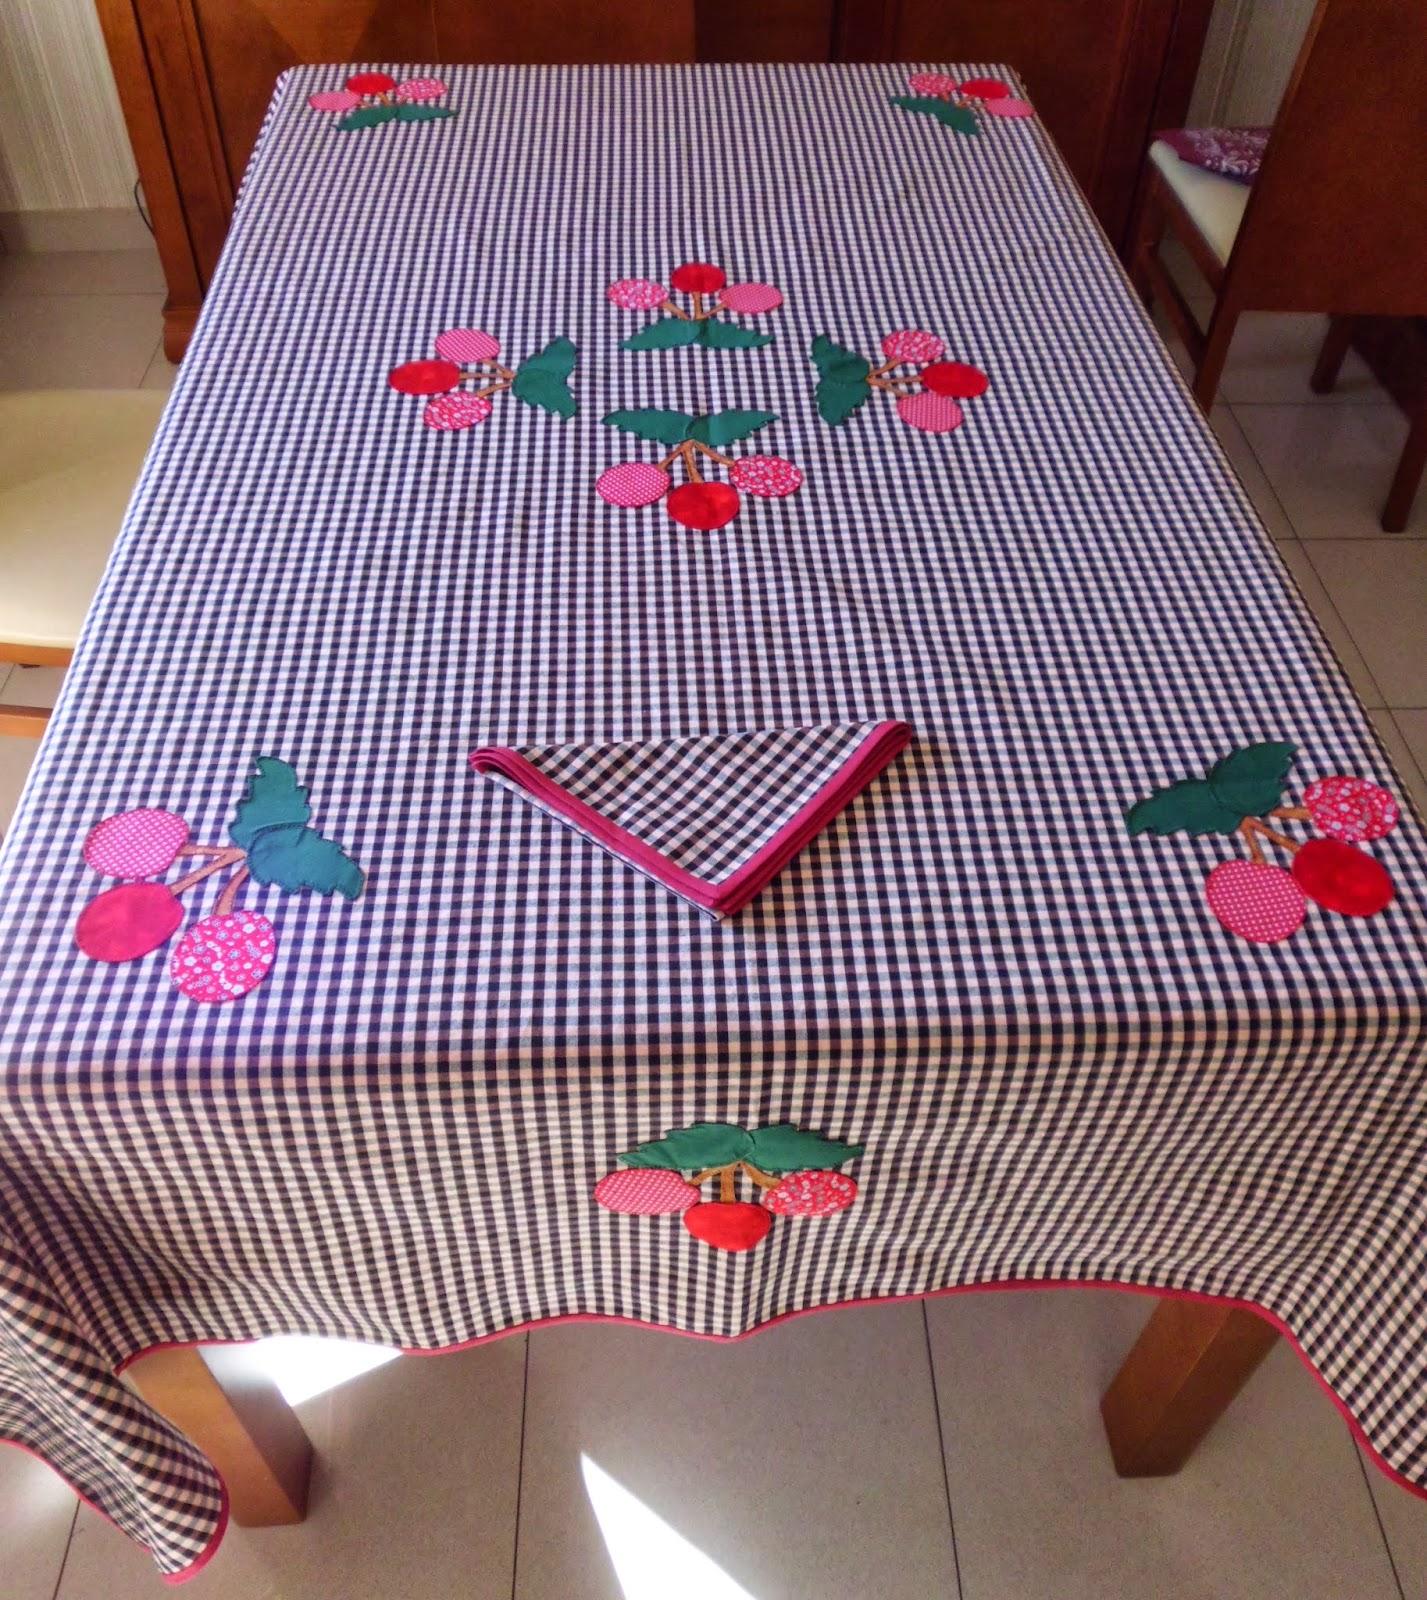 Rosa mis vivencias mantel de patchwork - Como hacer una manteleria ...